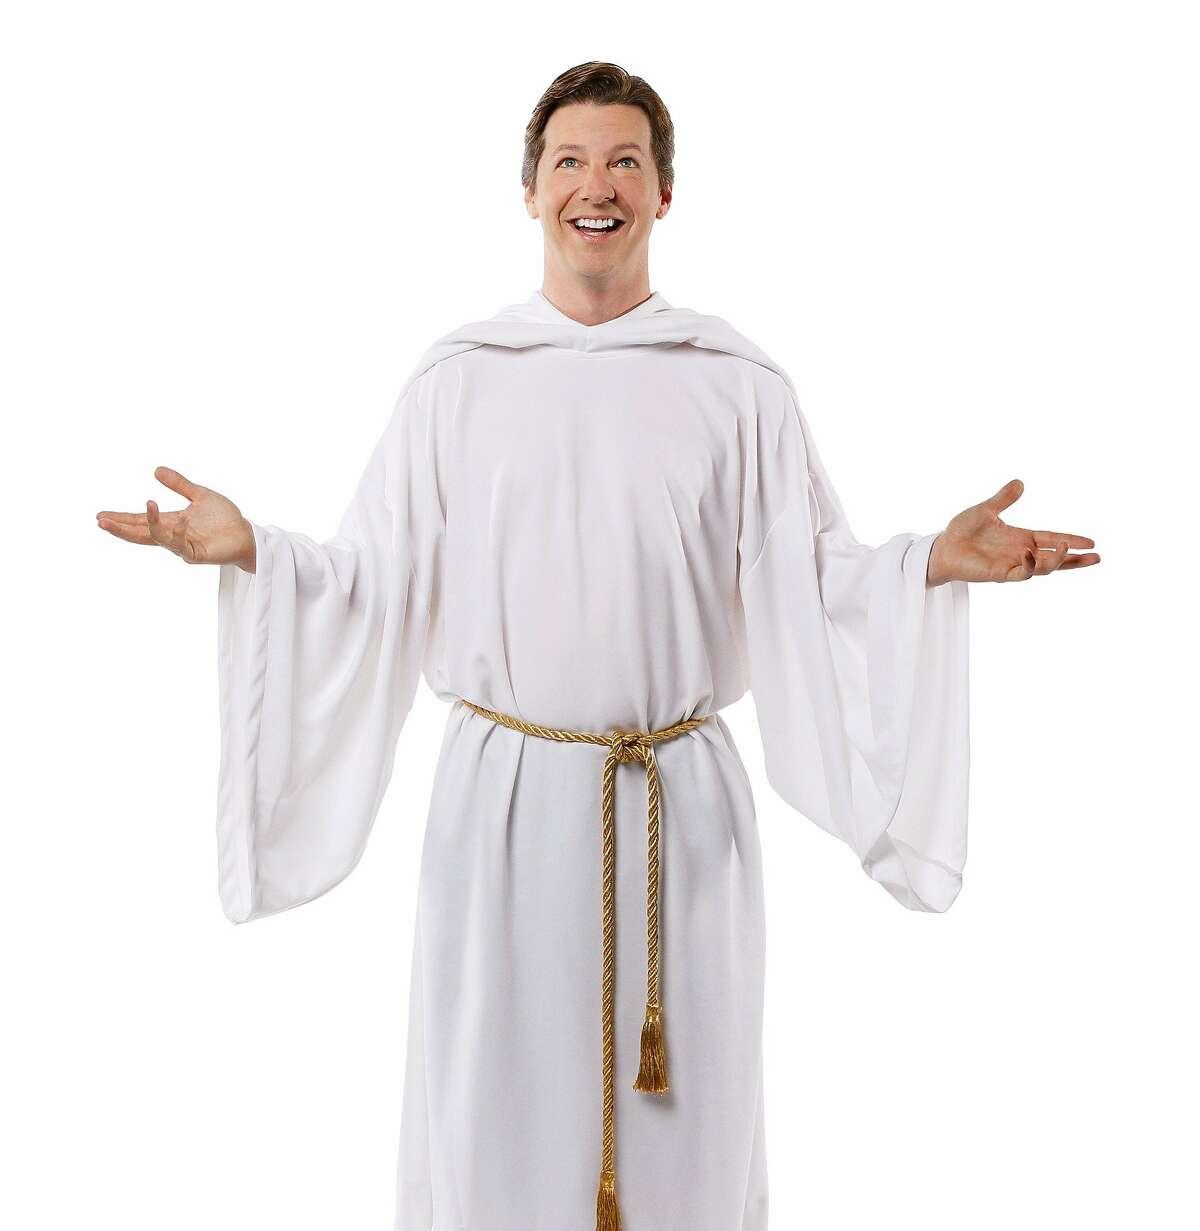 Sean Hayes as God in